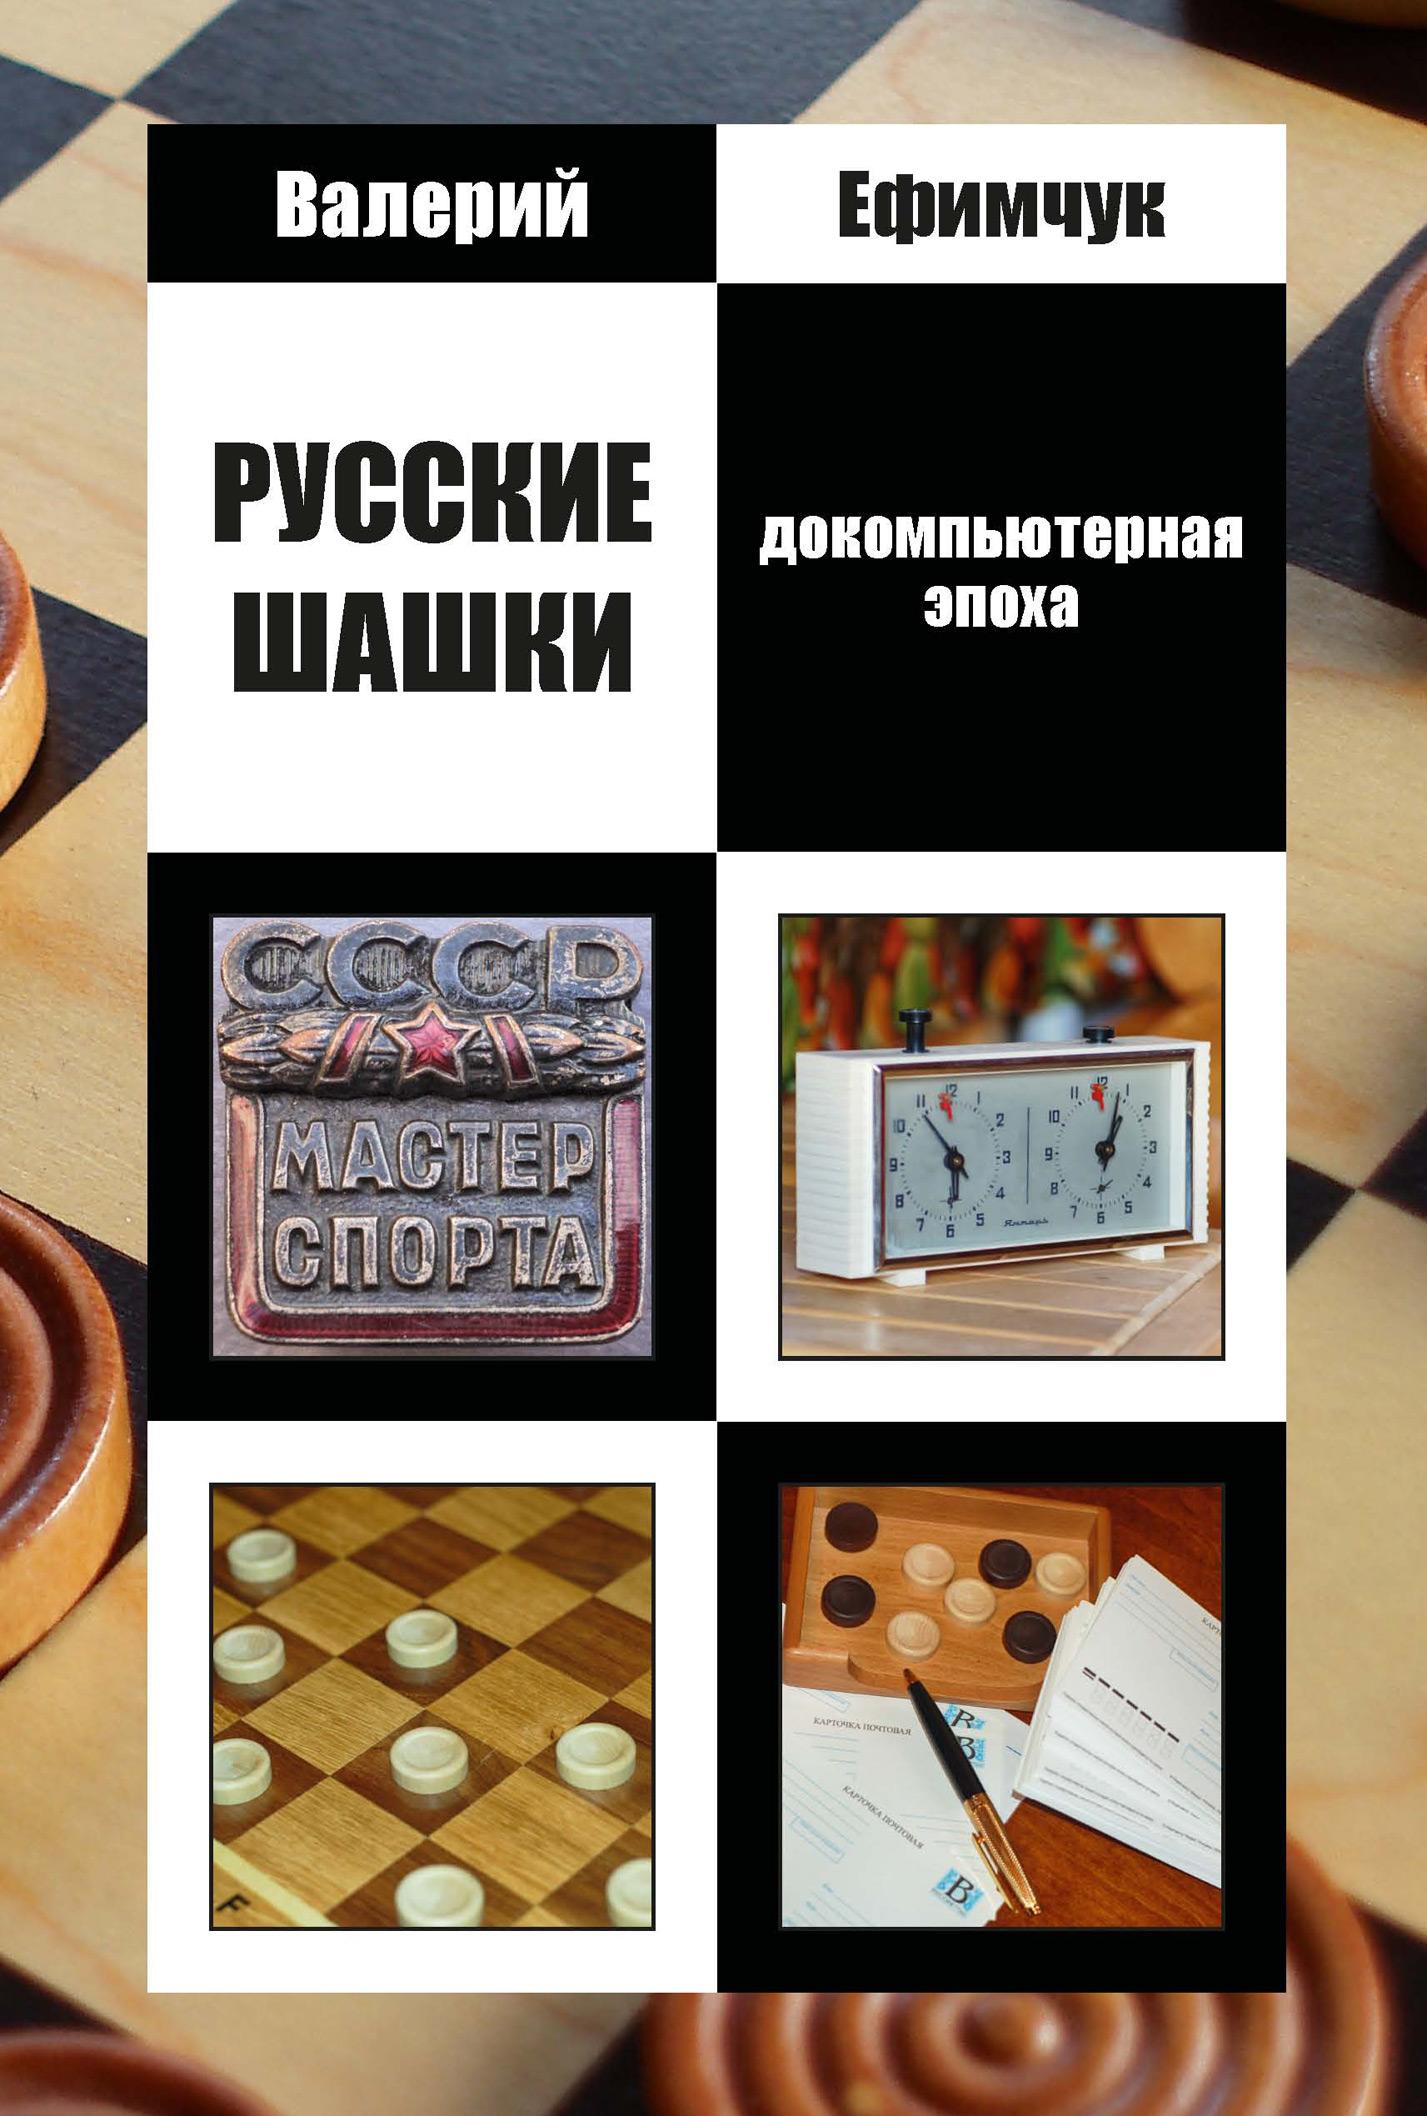 В. М. Ефимчук Русские шашки. Докомпьютерная эпоха м хайруллаев фараби эпоха и учение